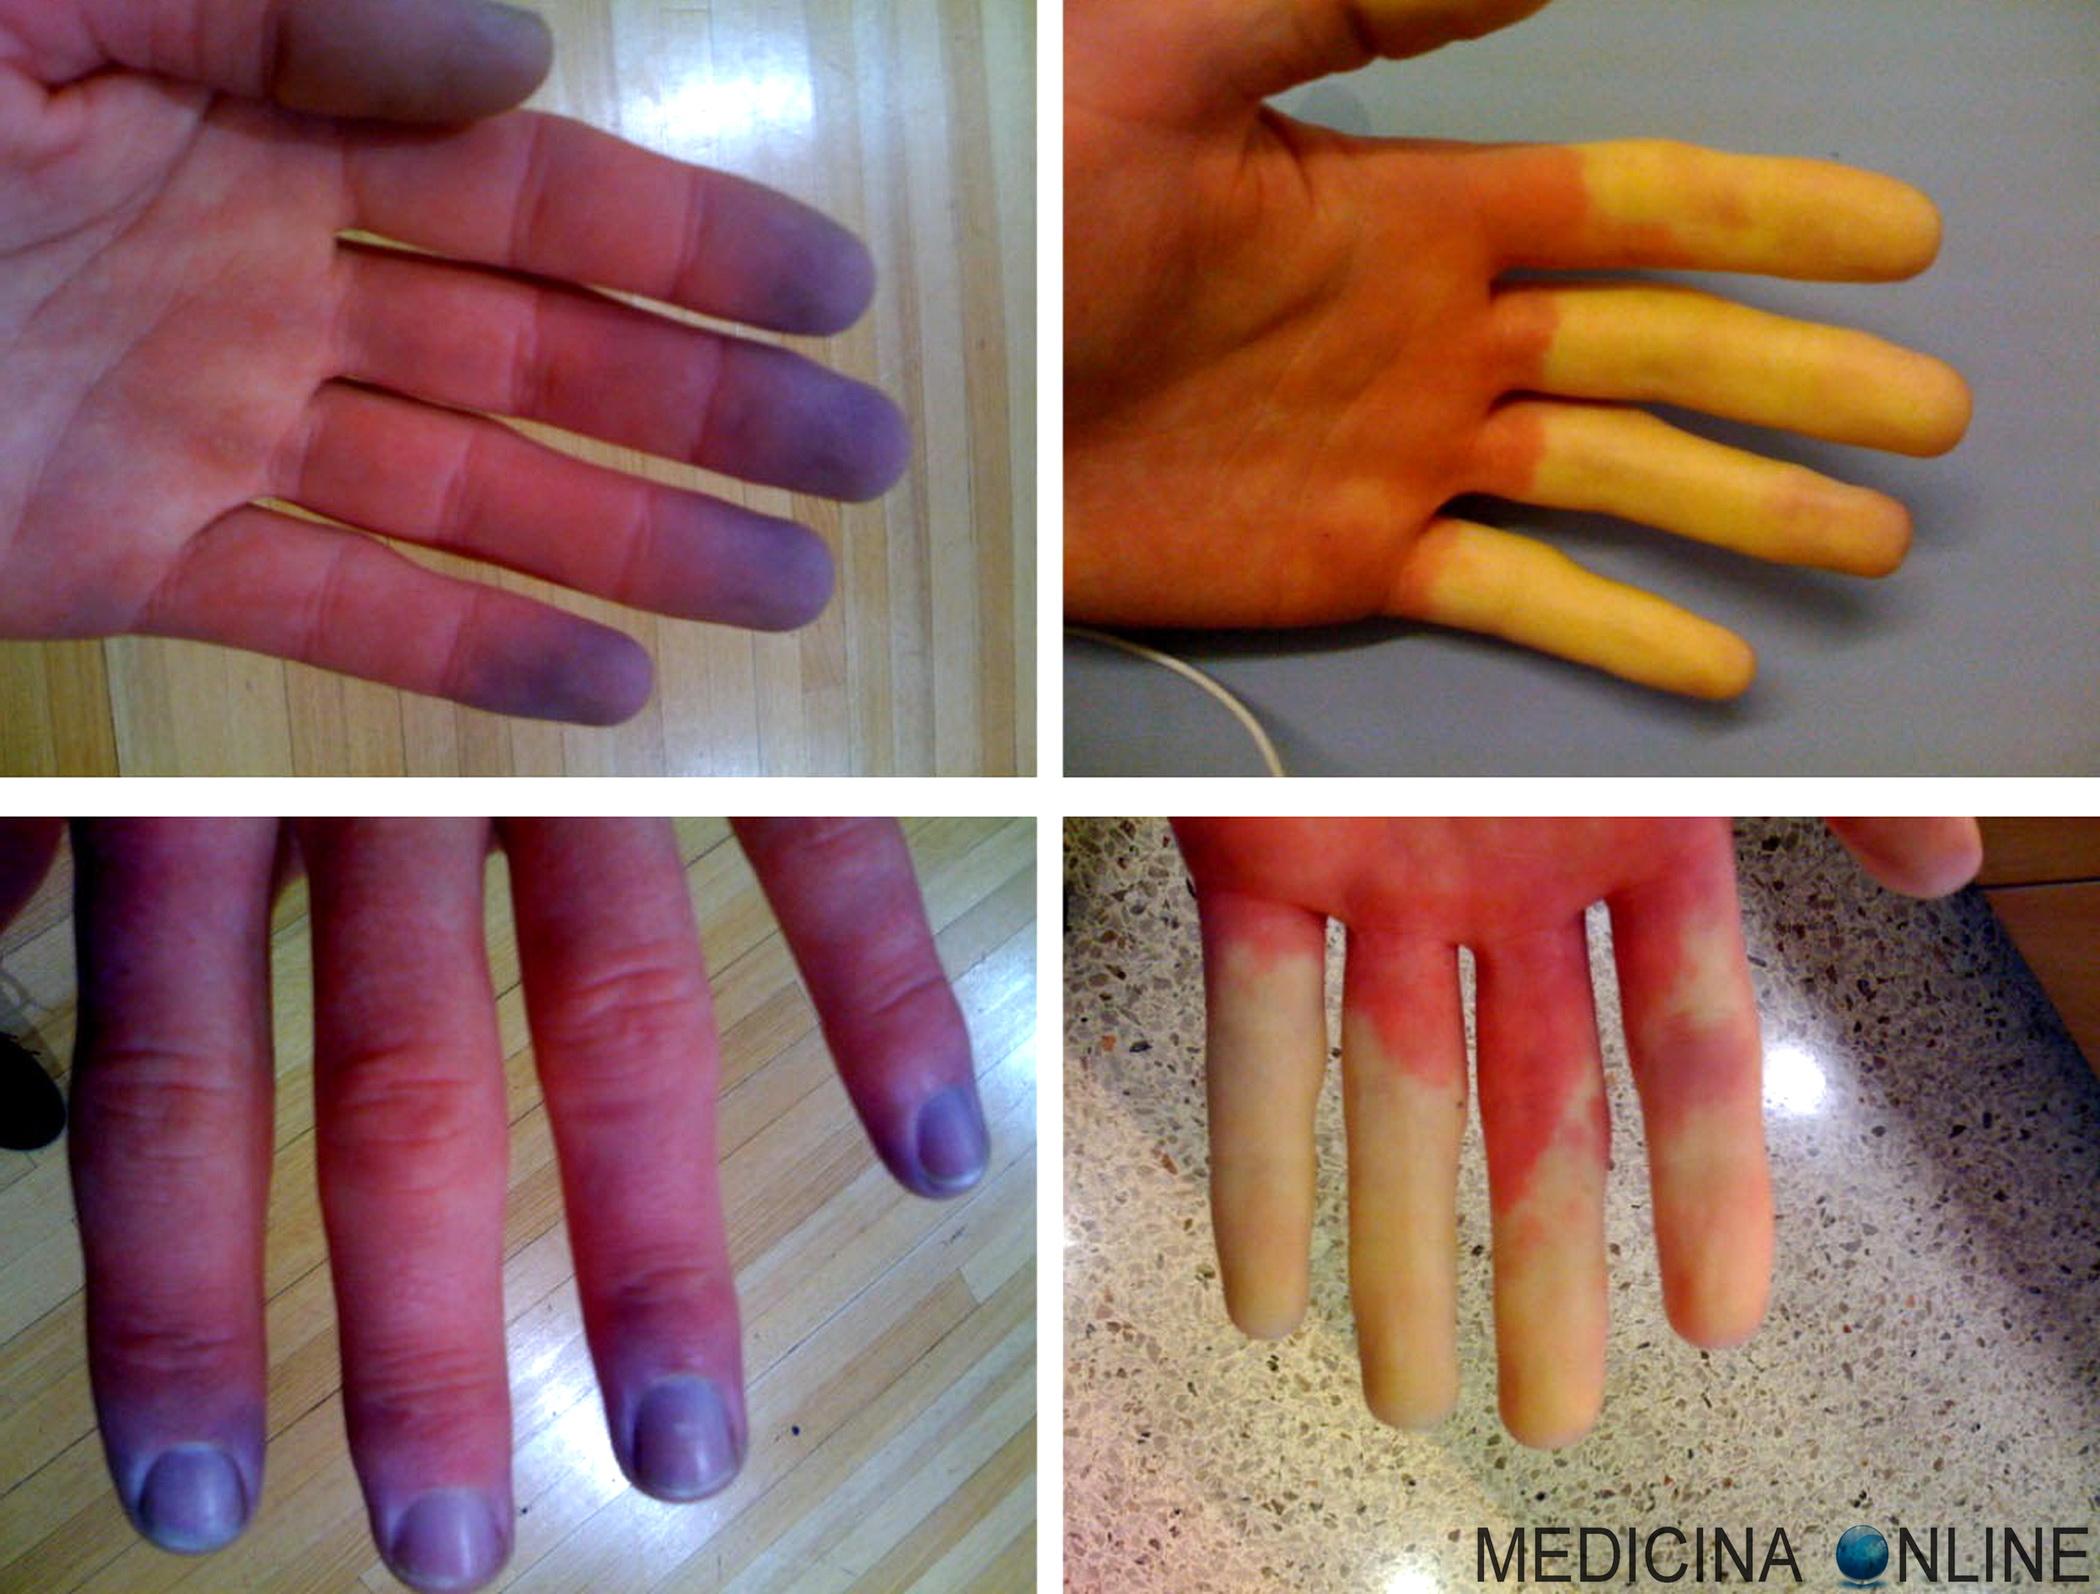 prostata ingrossata stanchezza dolori articolazioni macchie sulla mano del